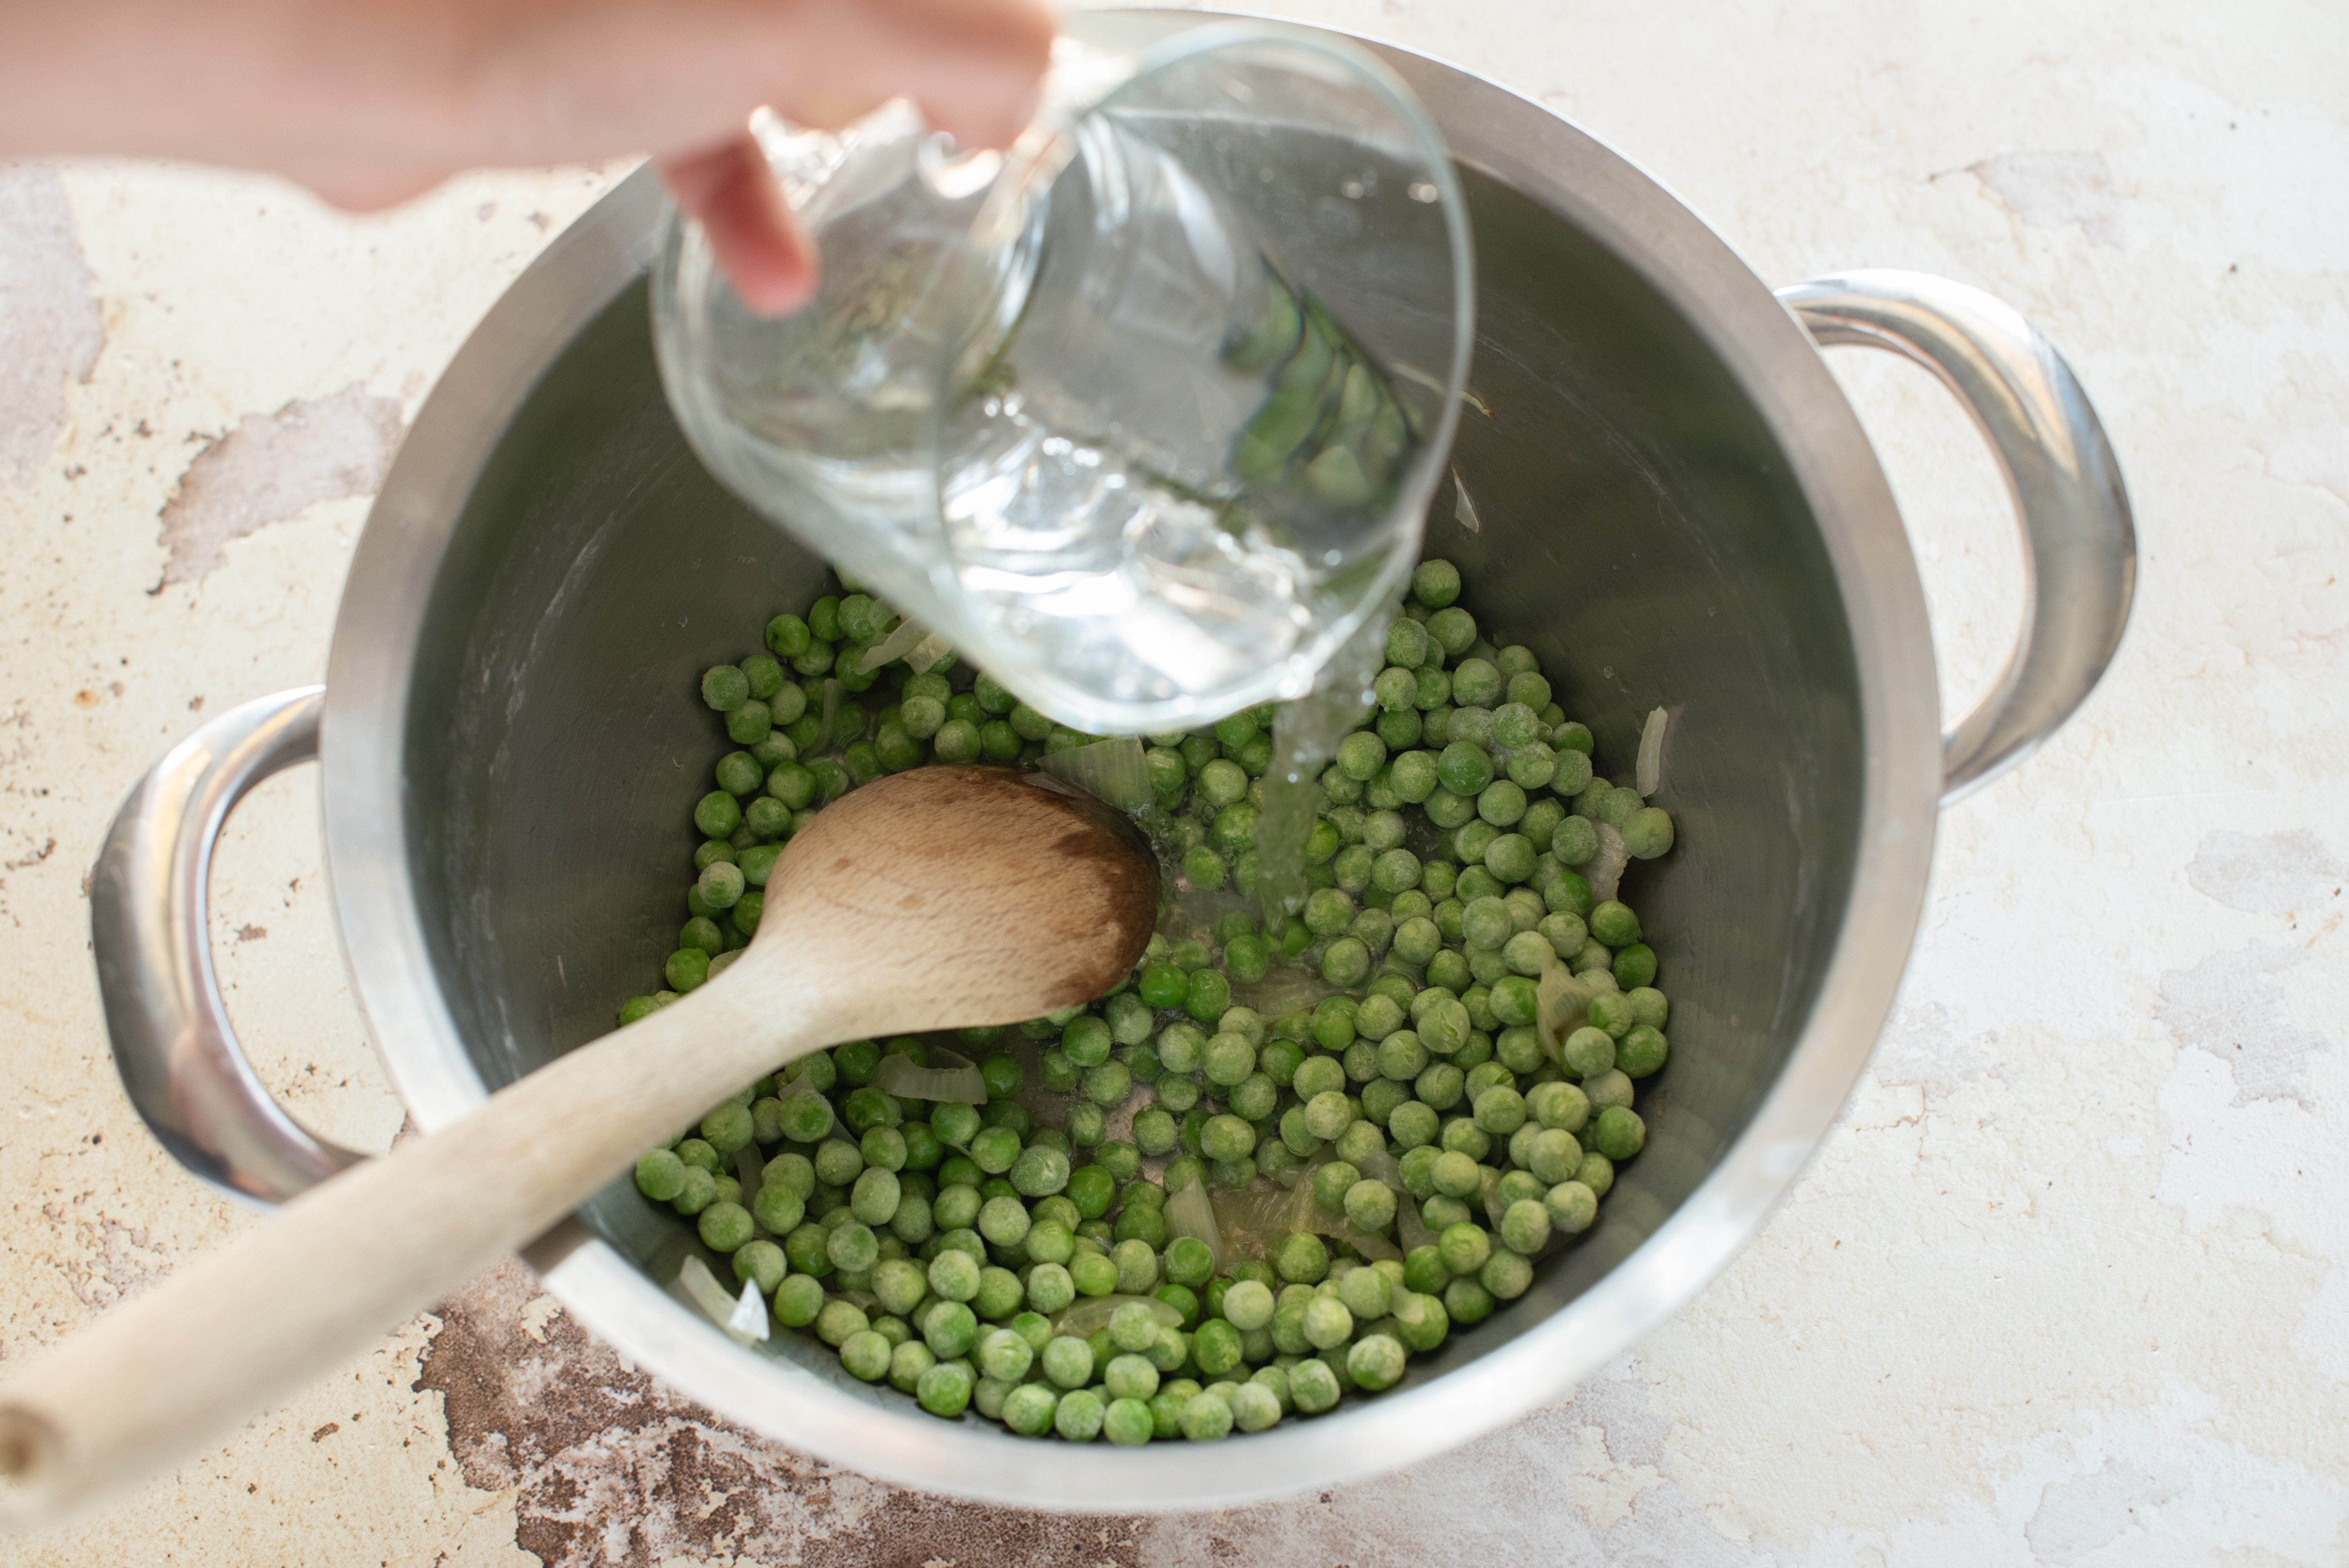 Riso al forno con piselli, pancetta e patate, cuocere i piselli